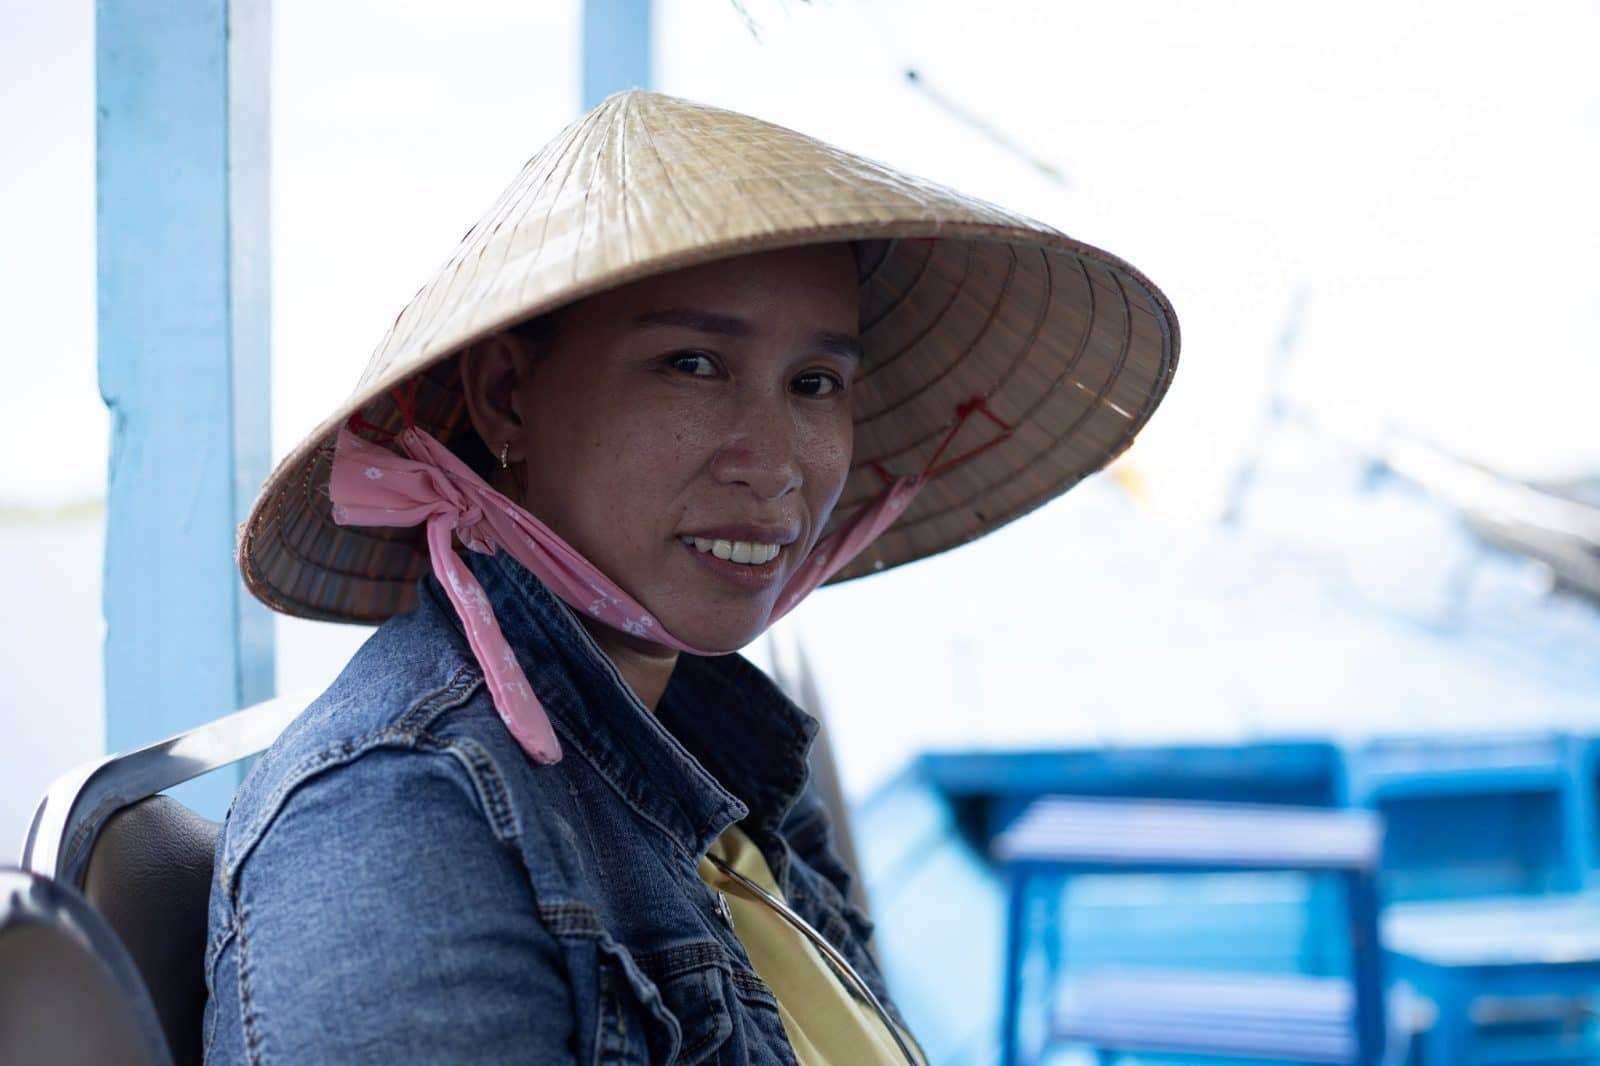 Faces of Vietnam - Portrætfotografi af en Vietnamesisk kvinde